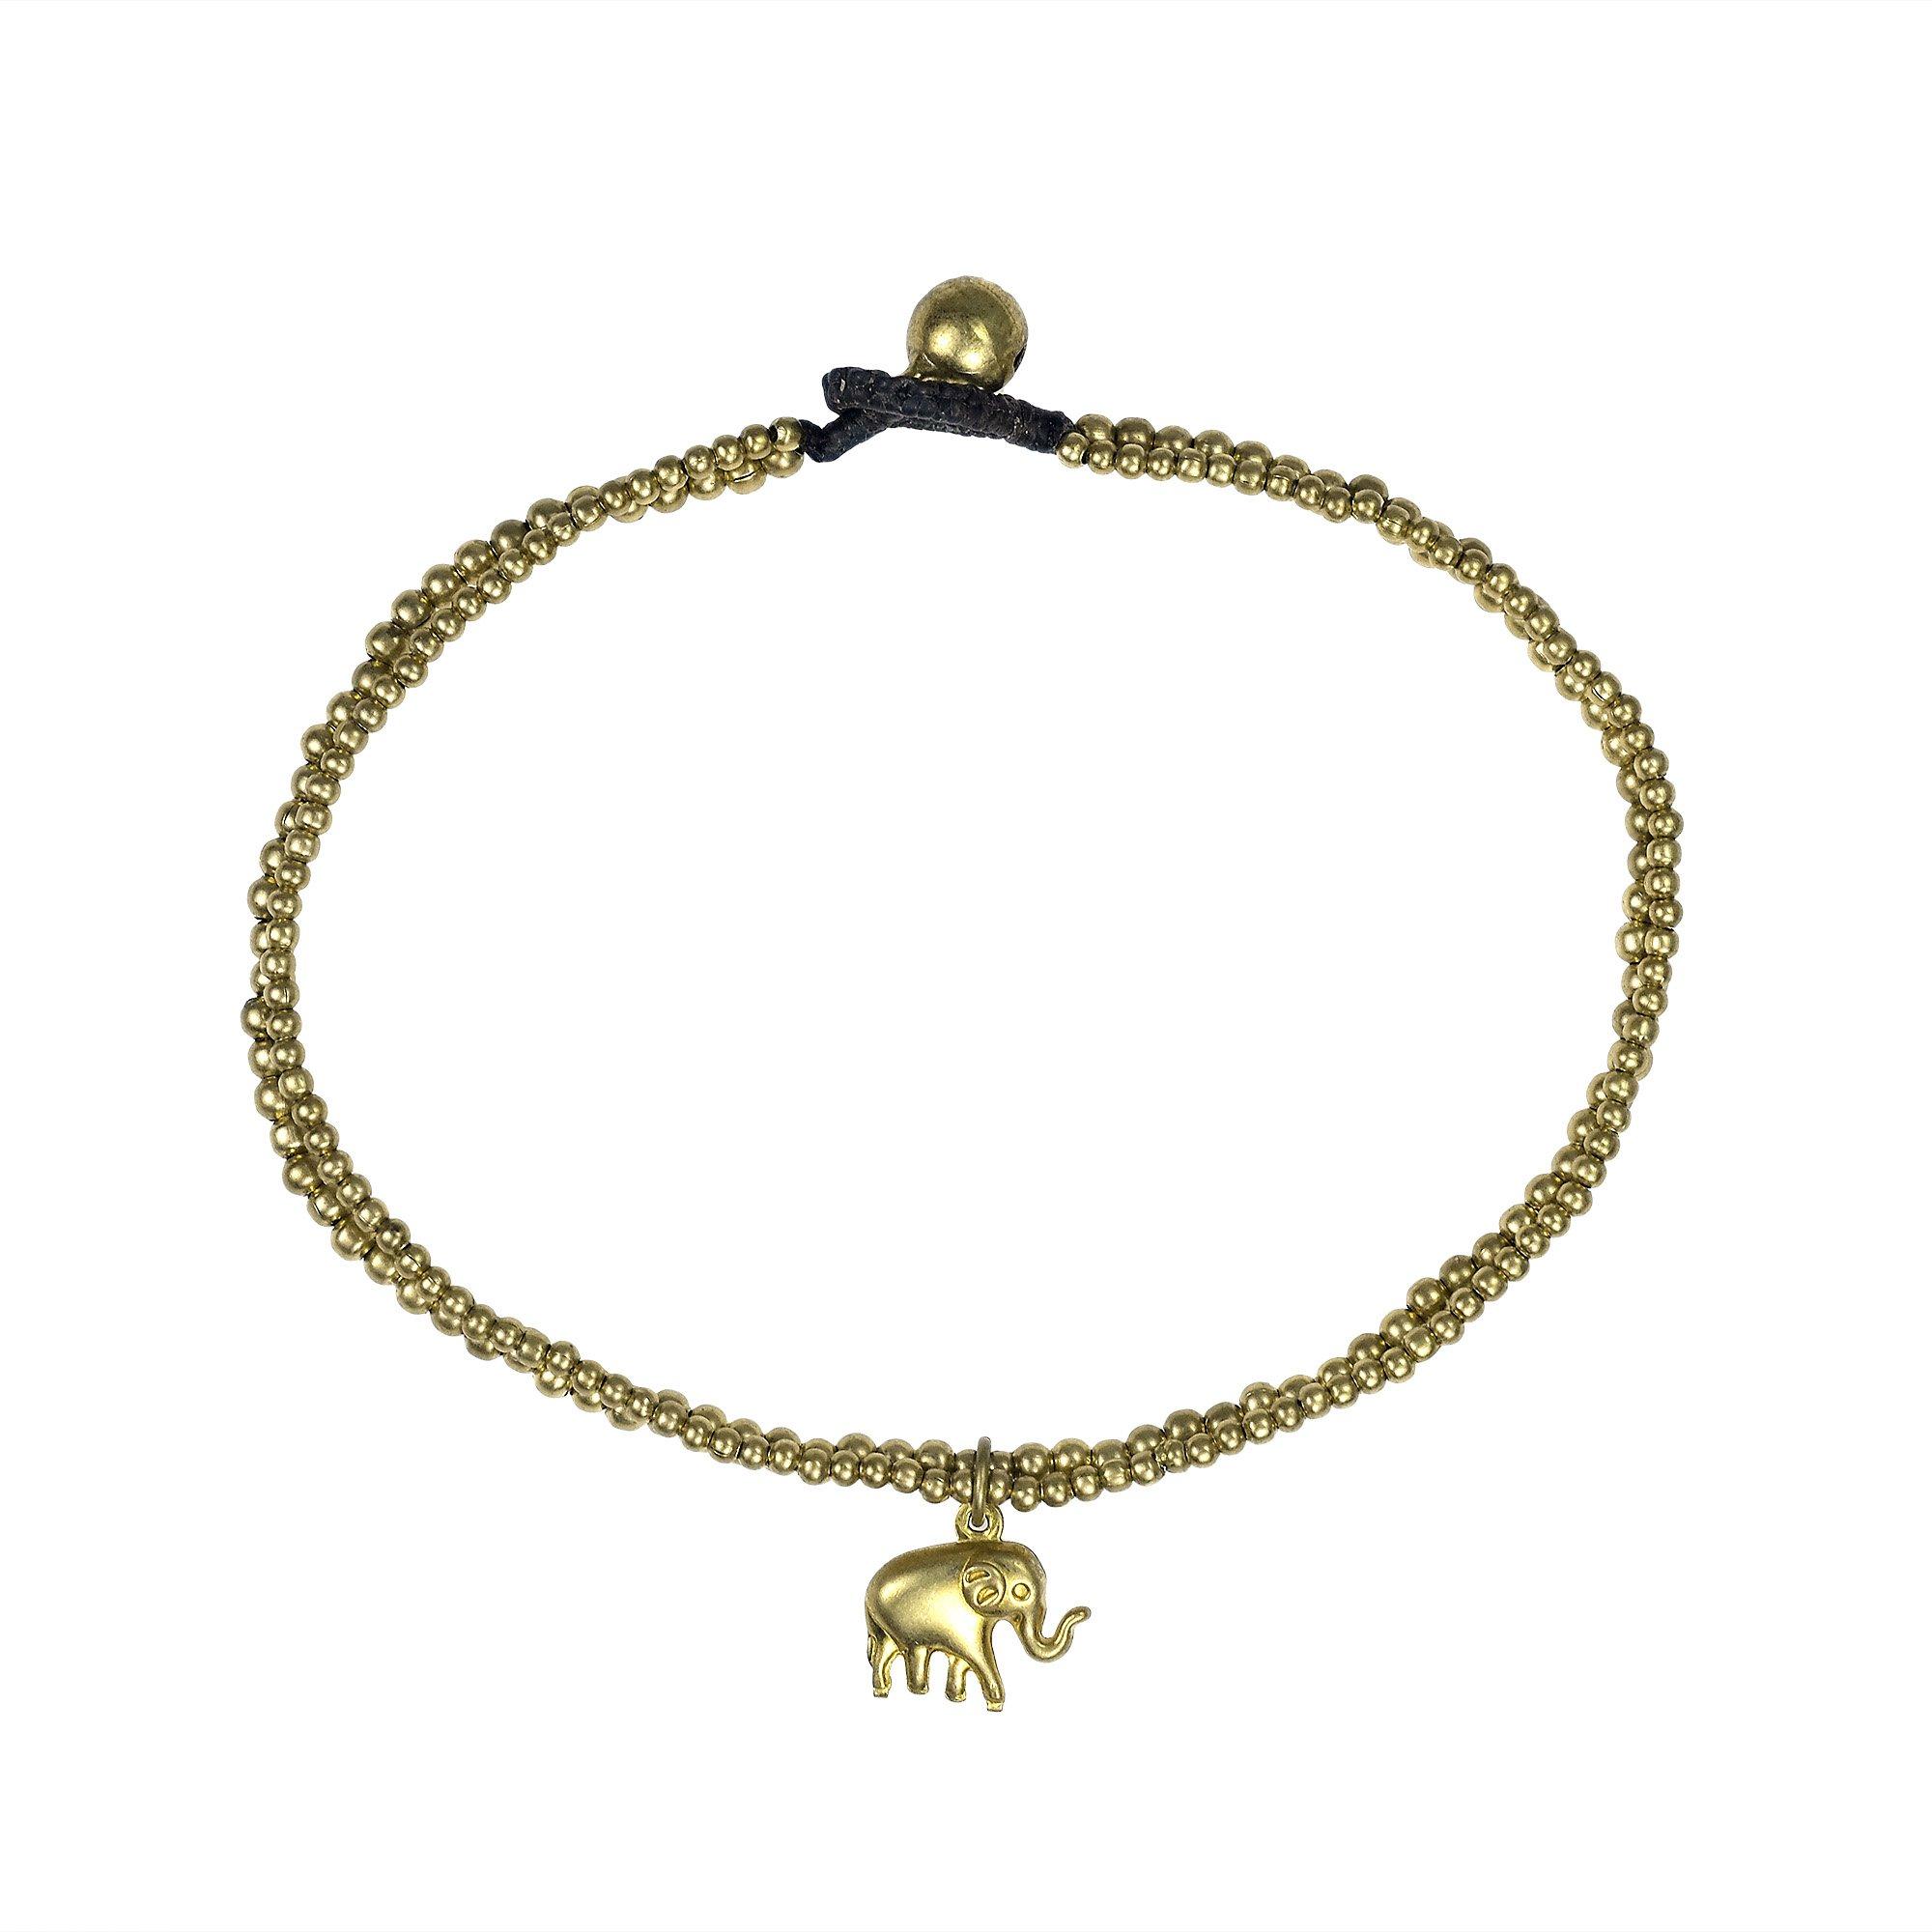 AeraVida Tribal Thai Elephant Brass Beads Link Ankle Bracelet